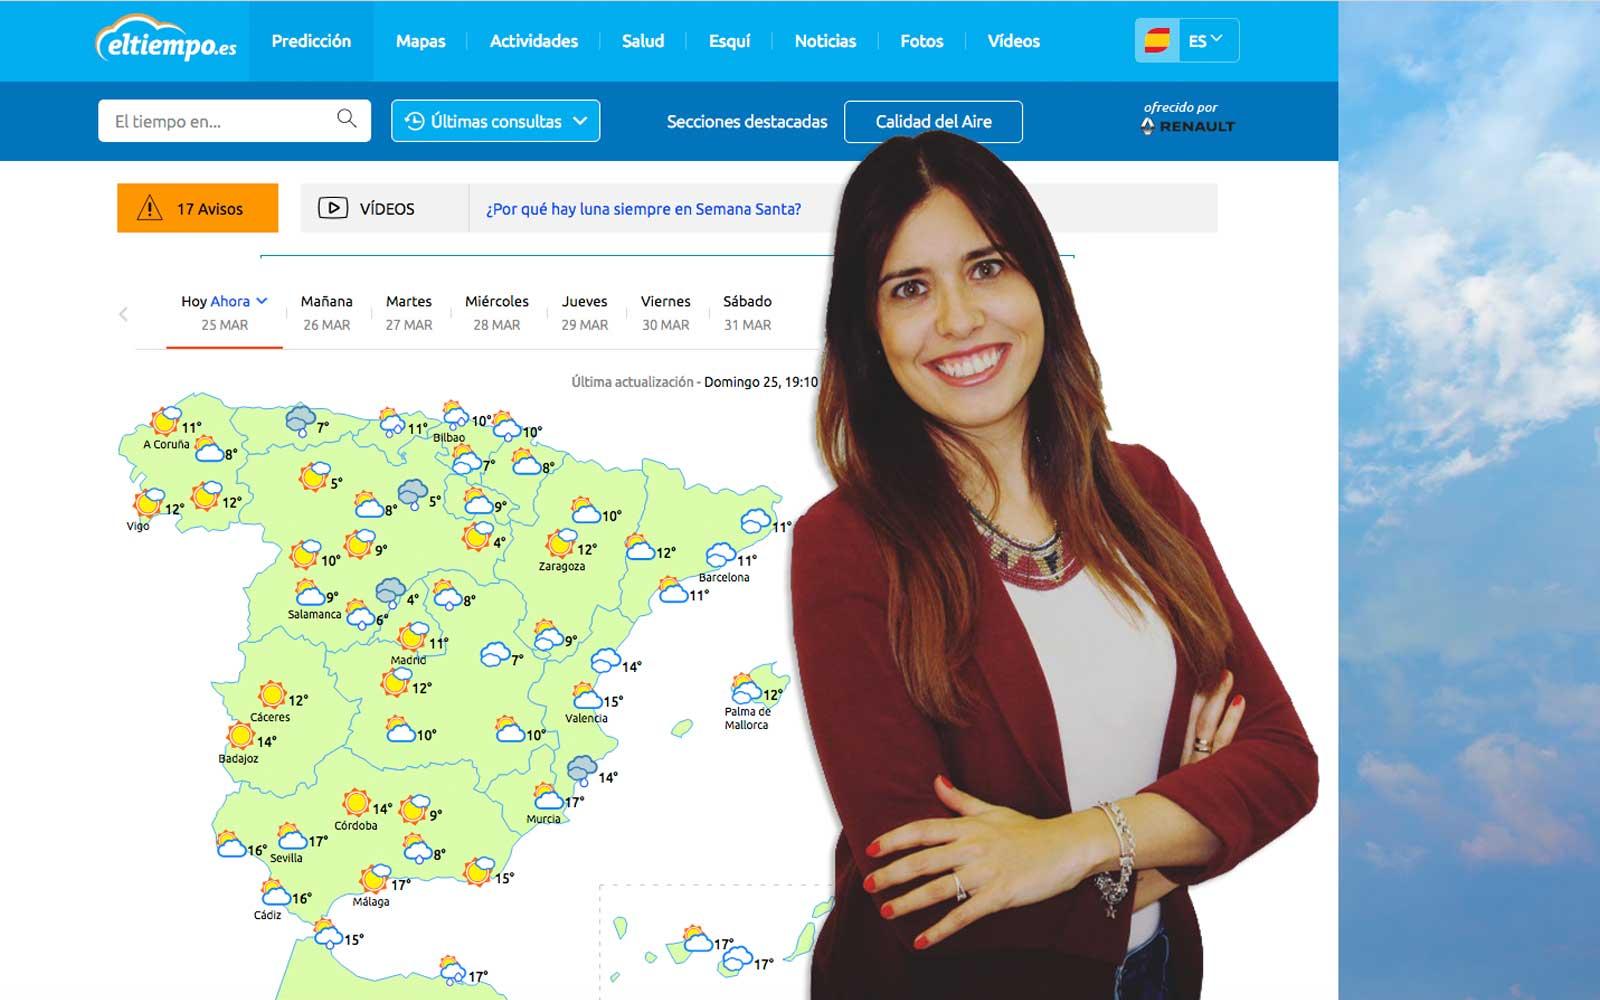 Mar Gómez eltiempo.es nivel embalses España previsiones tiempo primavera 2018